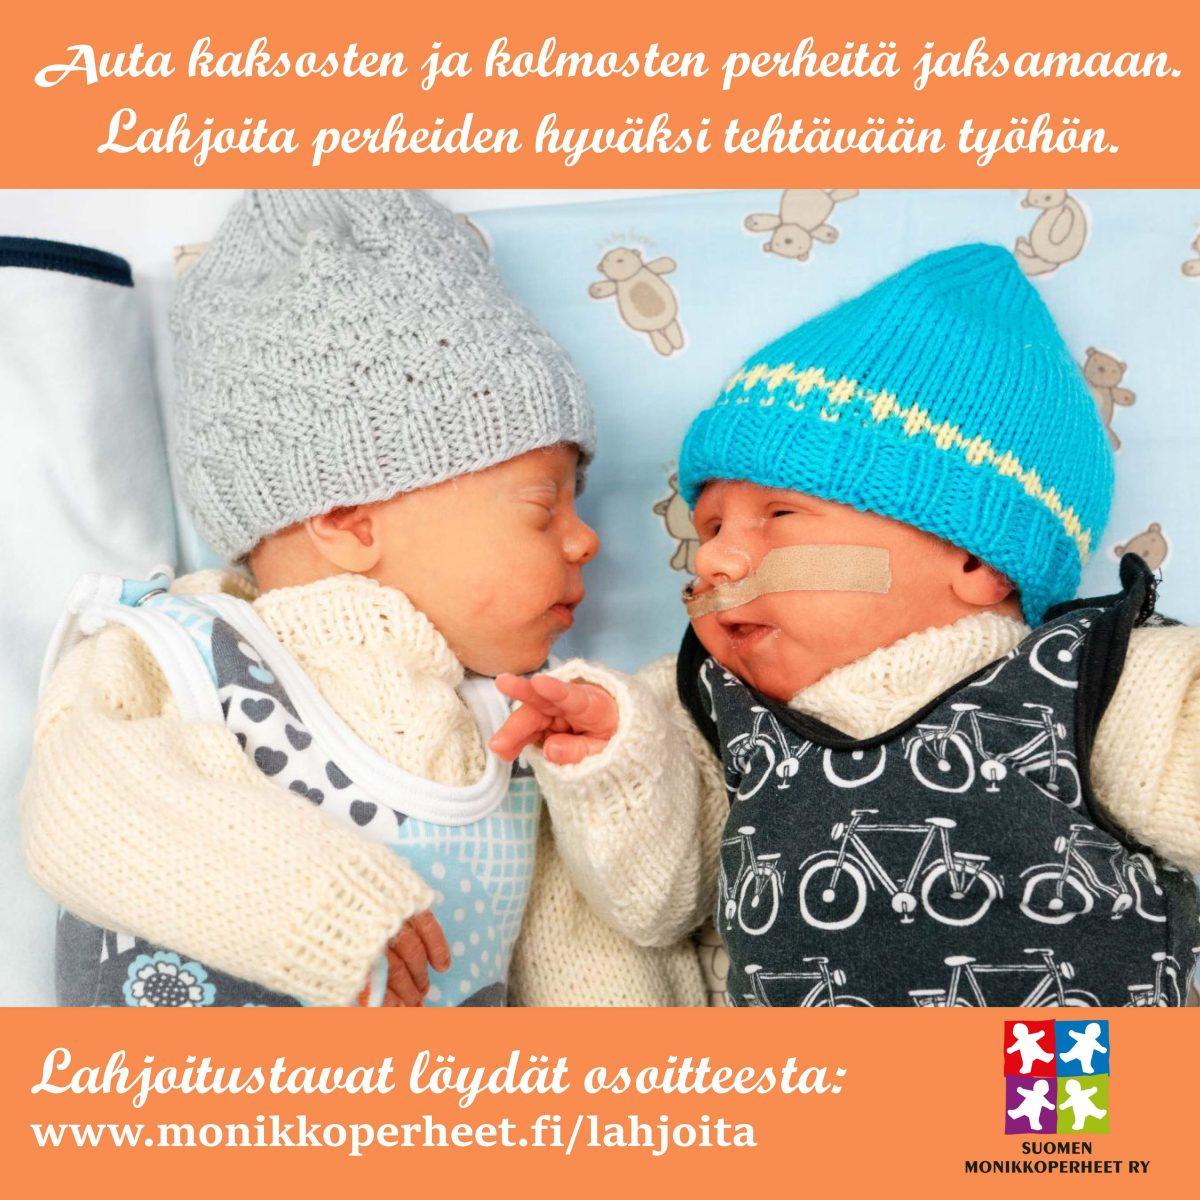 Auta kaksosten ja kolmosten perheitä jaksamaan. Lahjoita perheiden hyväksi tehtävään työhön. Kaksi vauvaa kasvokkain neulepipot päässä ja potkuhousut ja neulepaidat päällä.